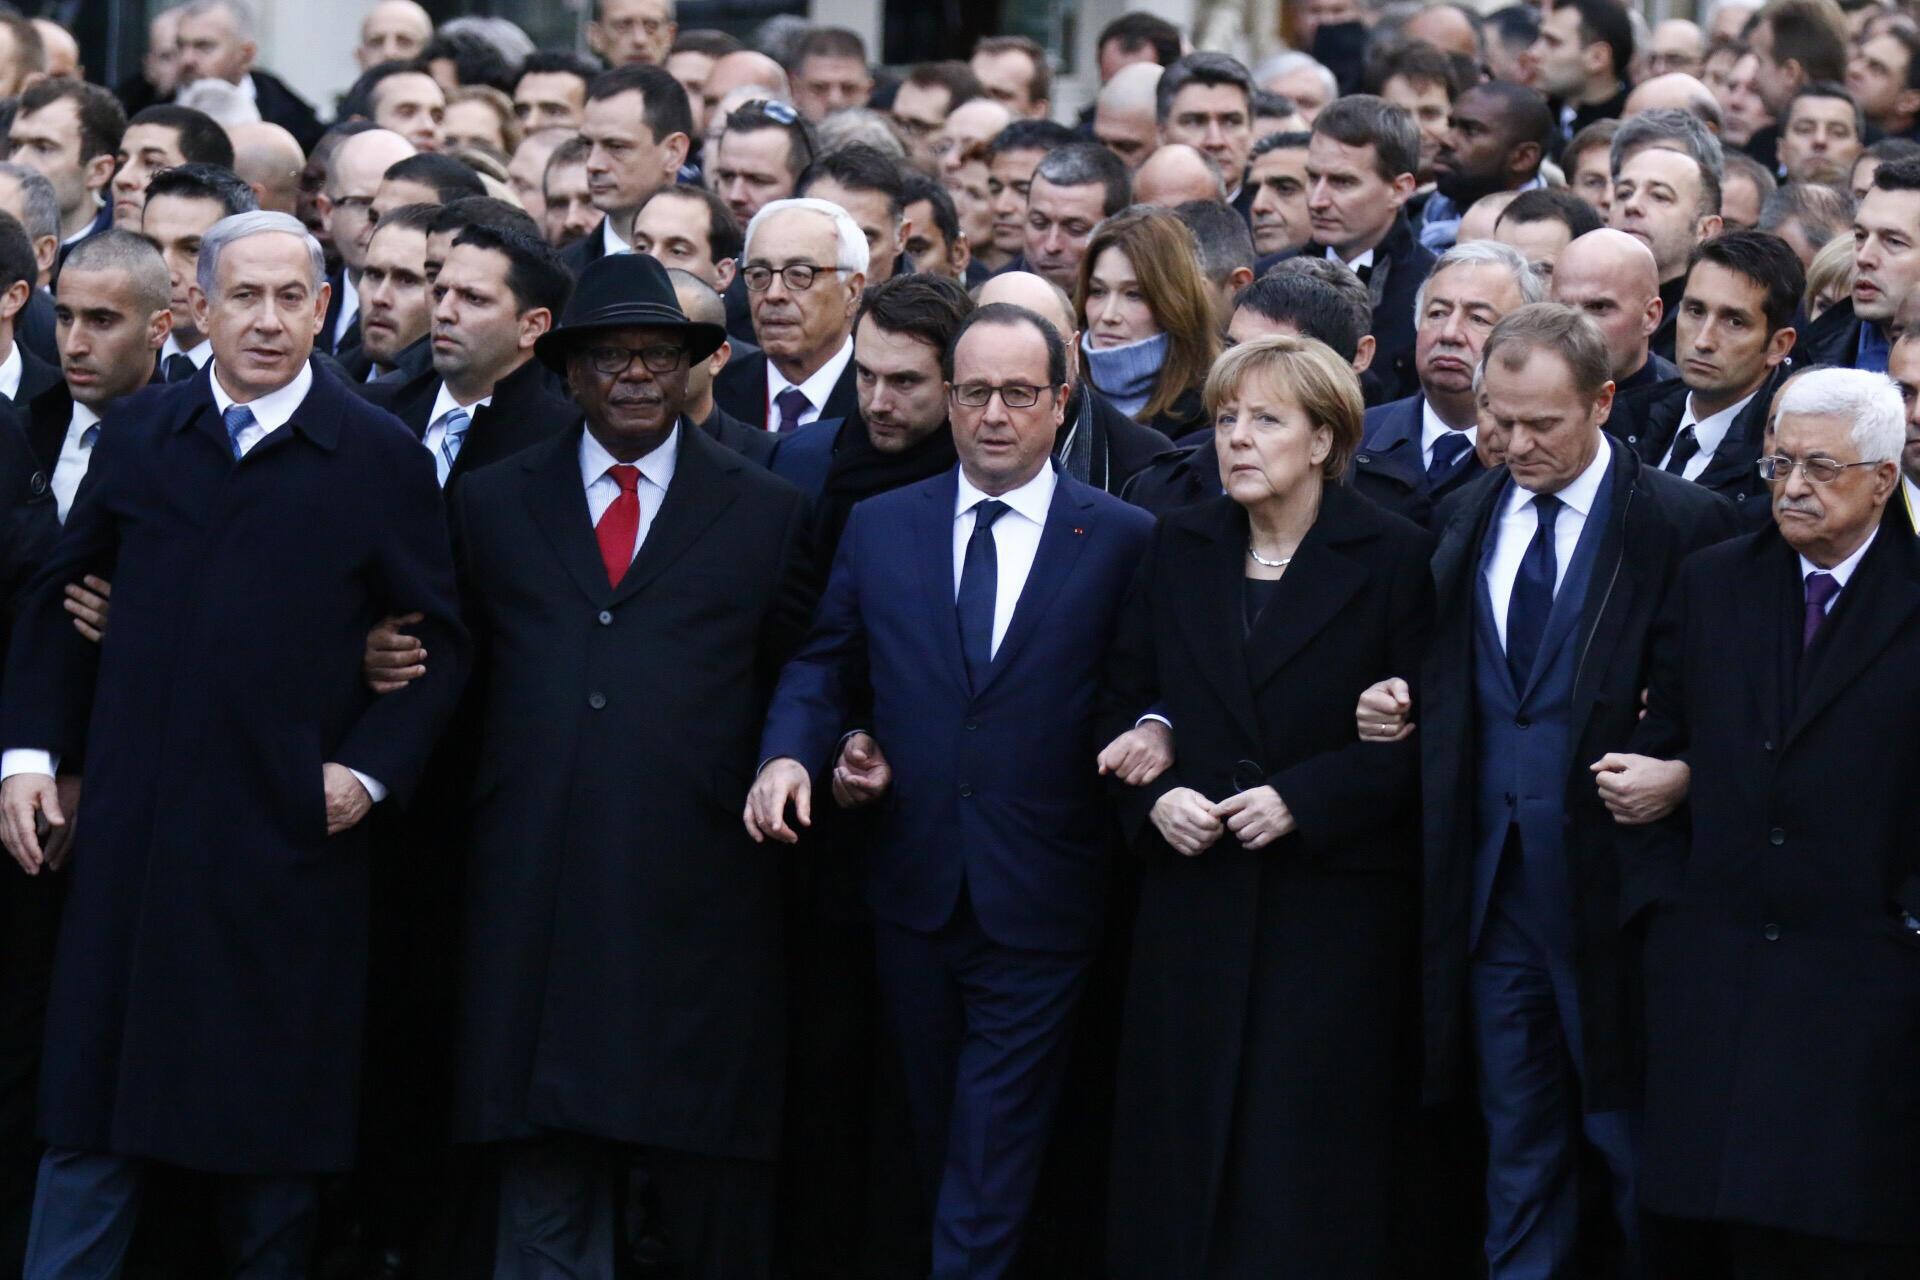 Líderes mundiais desfilam ao lado do presidente francês François Hollande durante a marcha republicana de homenagem às vítimas do terrorismo.